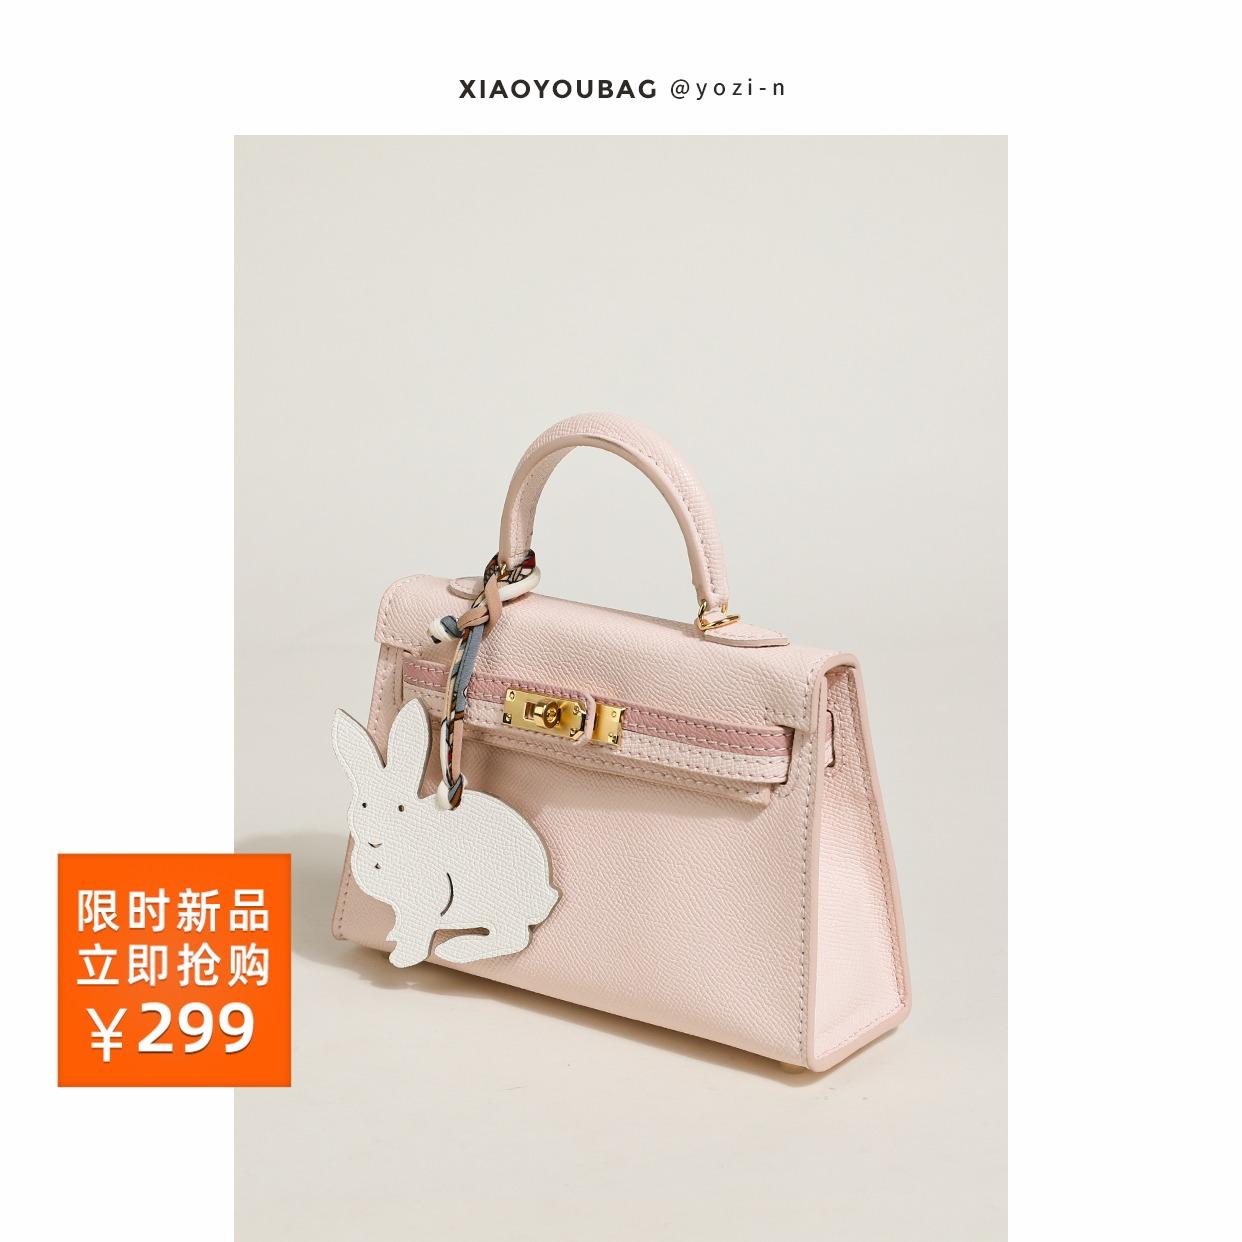 春季新品   小优家包包 真皮冰莓粉迷你凯莉包女包包2021新款时尚